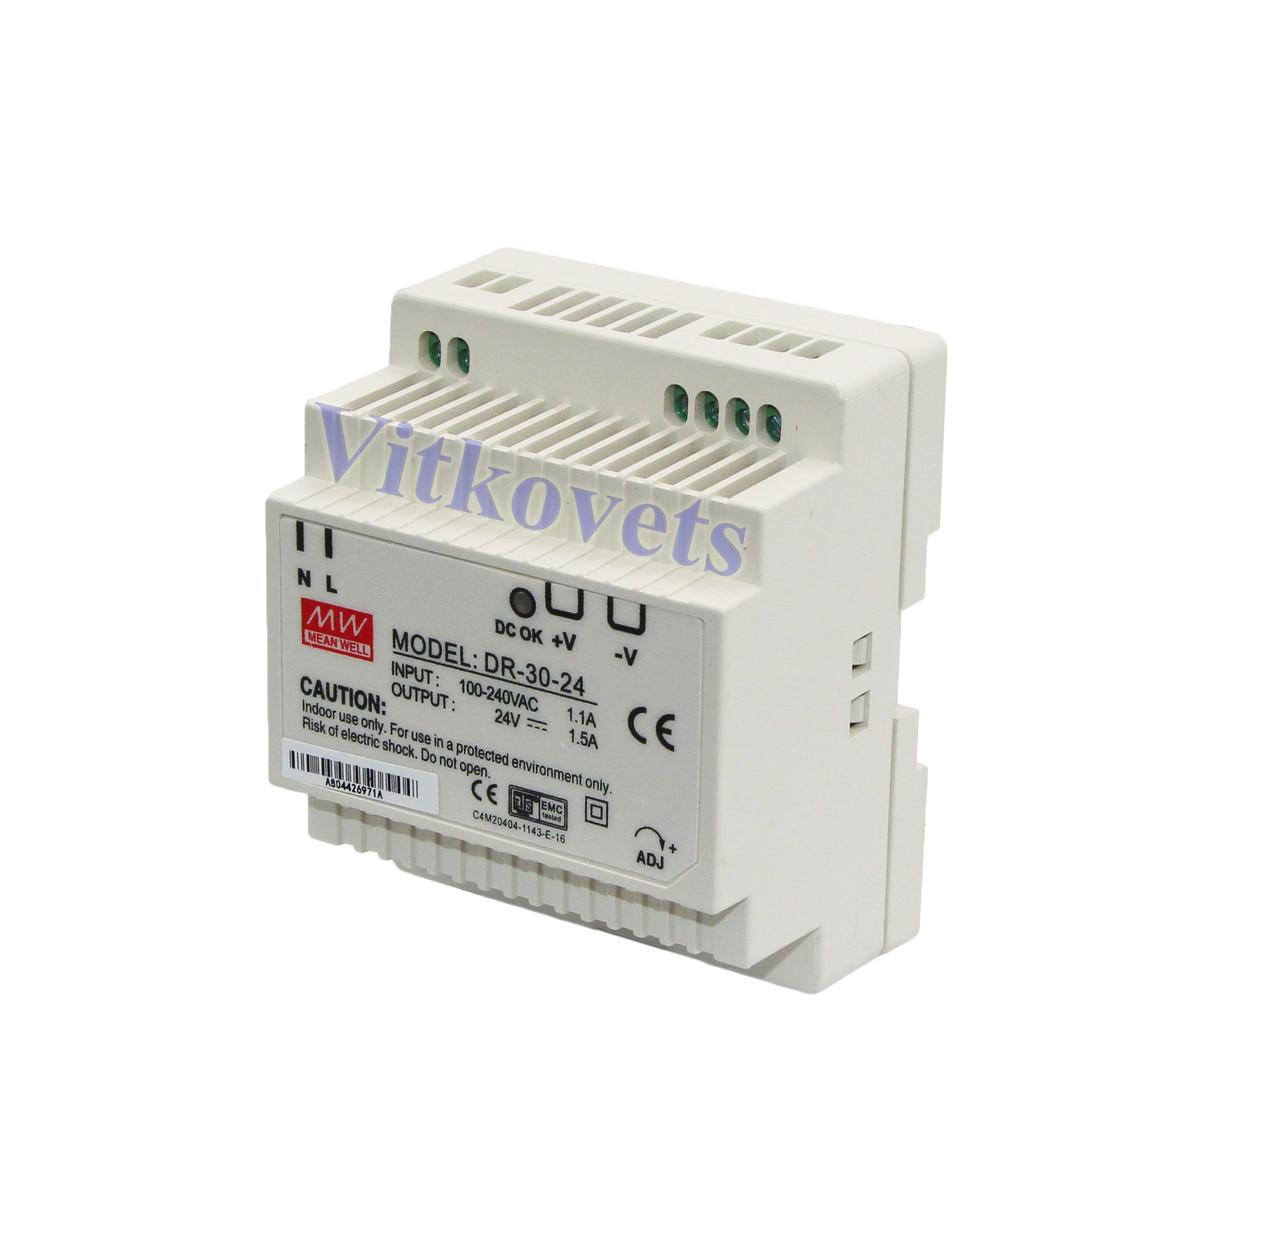 Источник питания DR-30-24 (24V 1.5А 36W) для ЧПУ